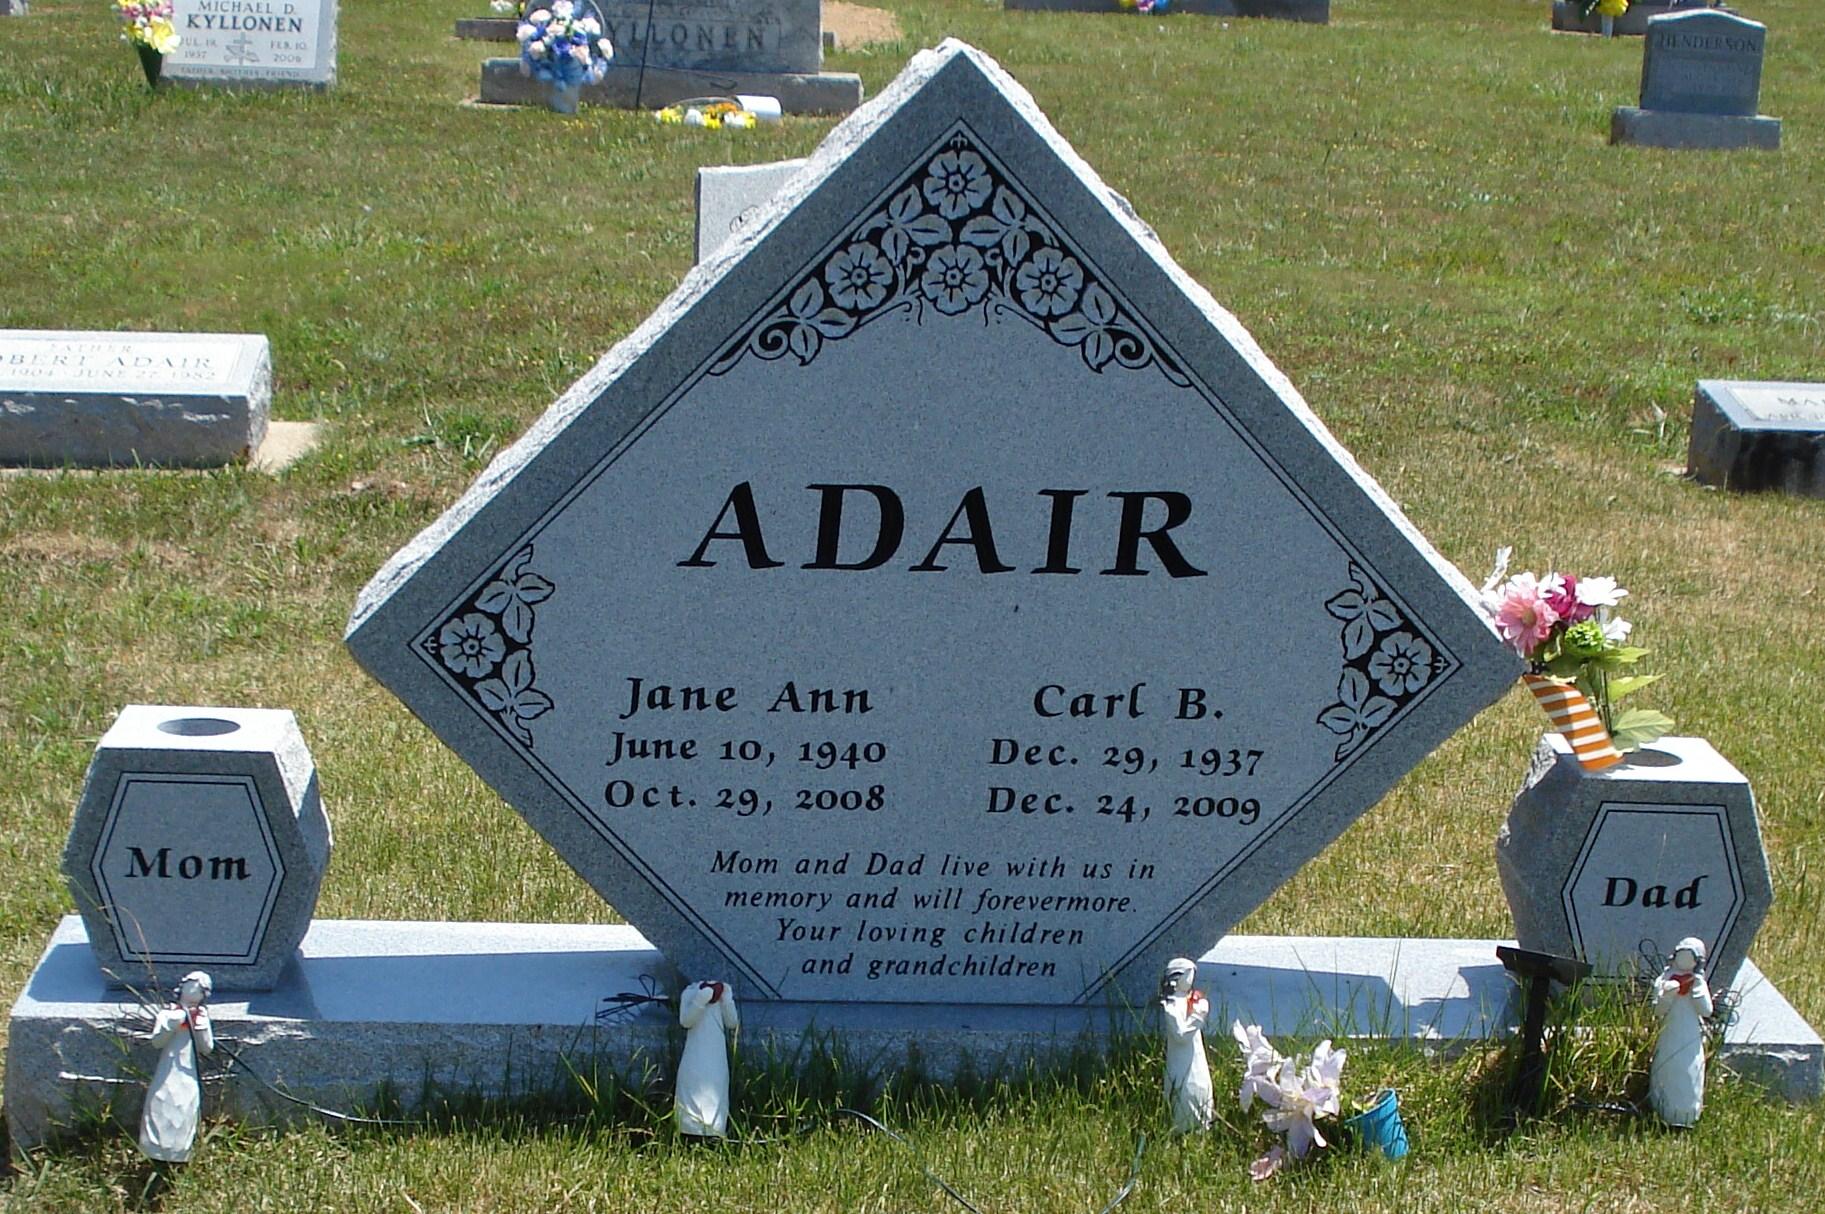 Carl B. Adair